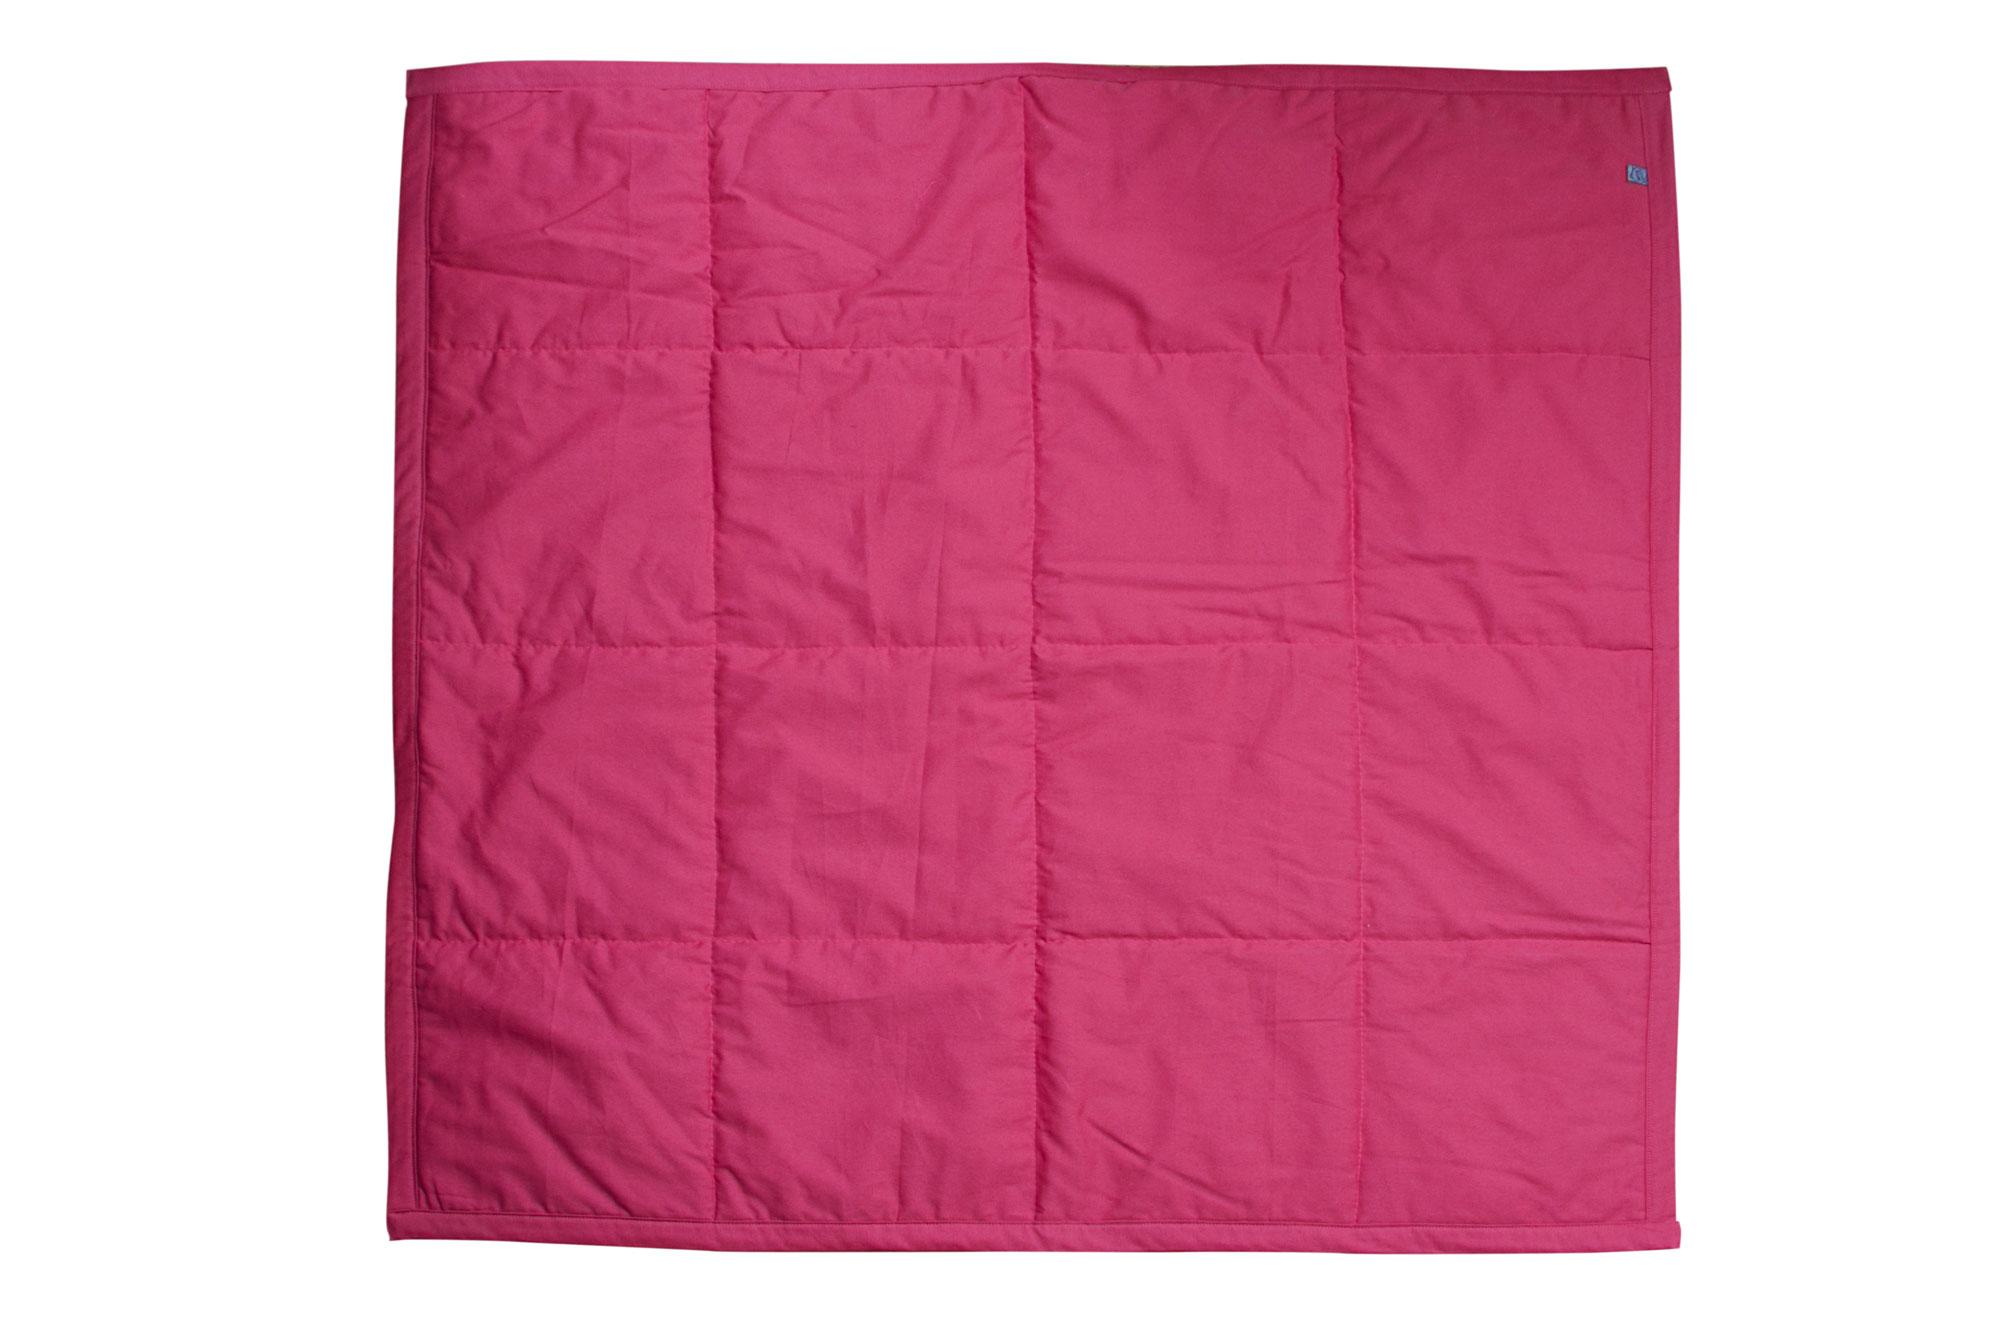 Tapete quadrado para brincar goiaba e rosa algodão doce